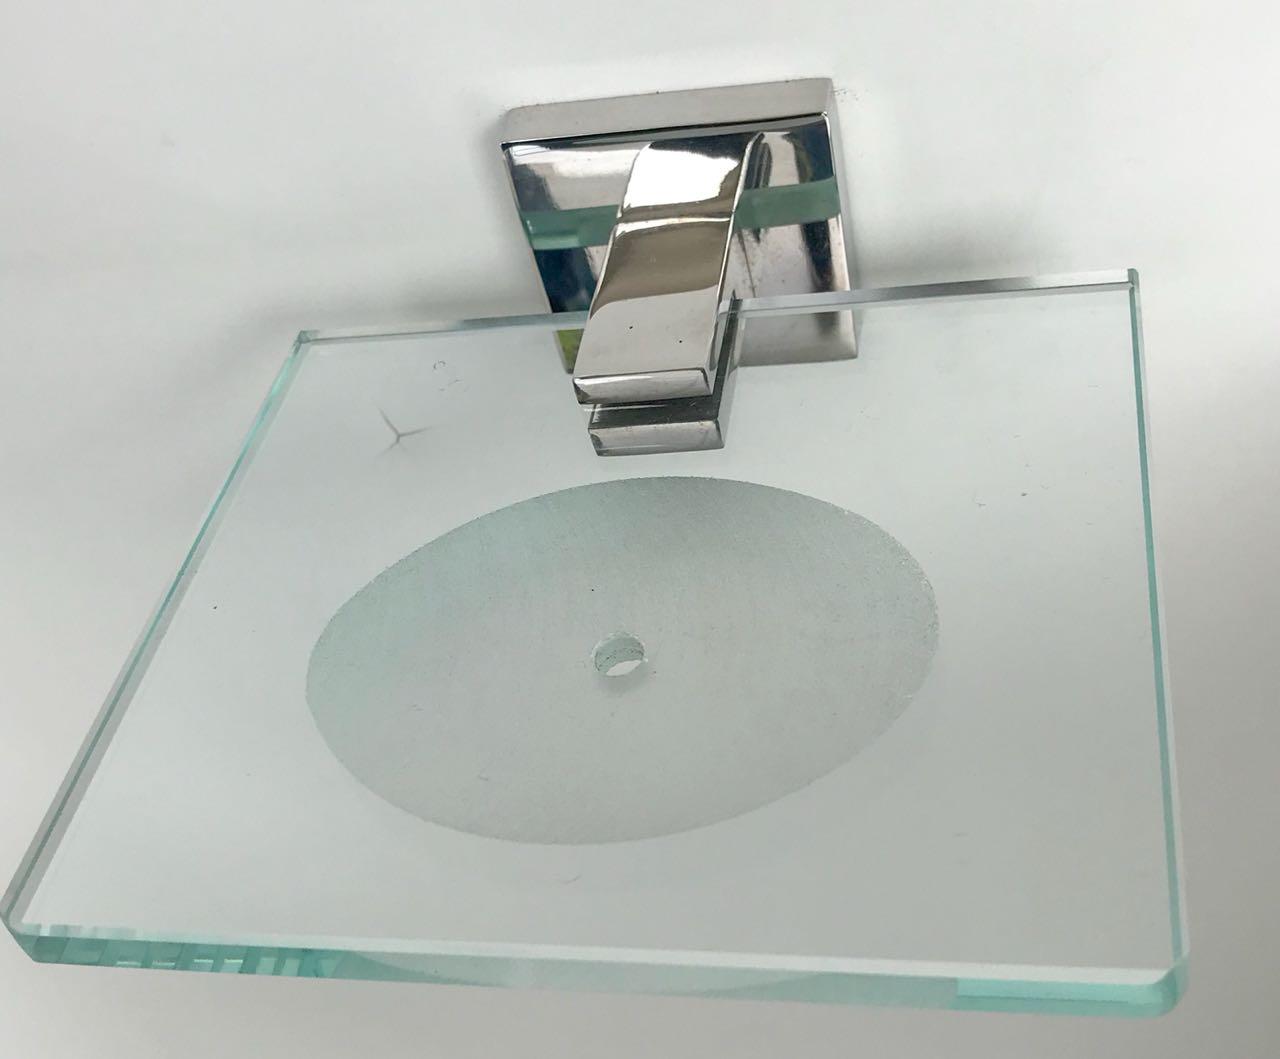 Saboneteira inox/vidro - 1880 - Acessórios para Banheiro